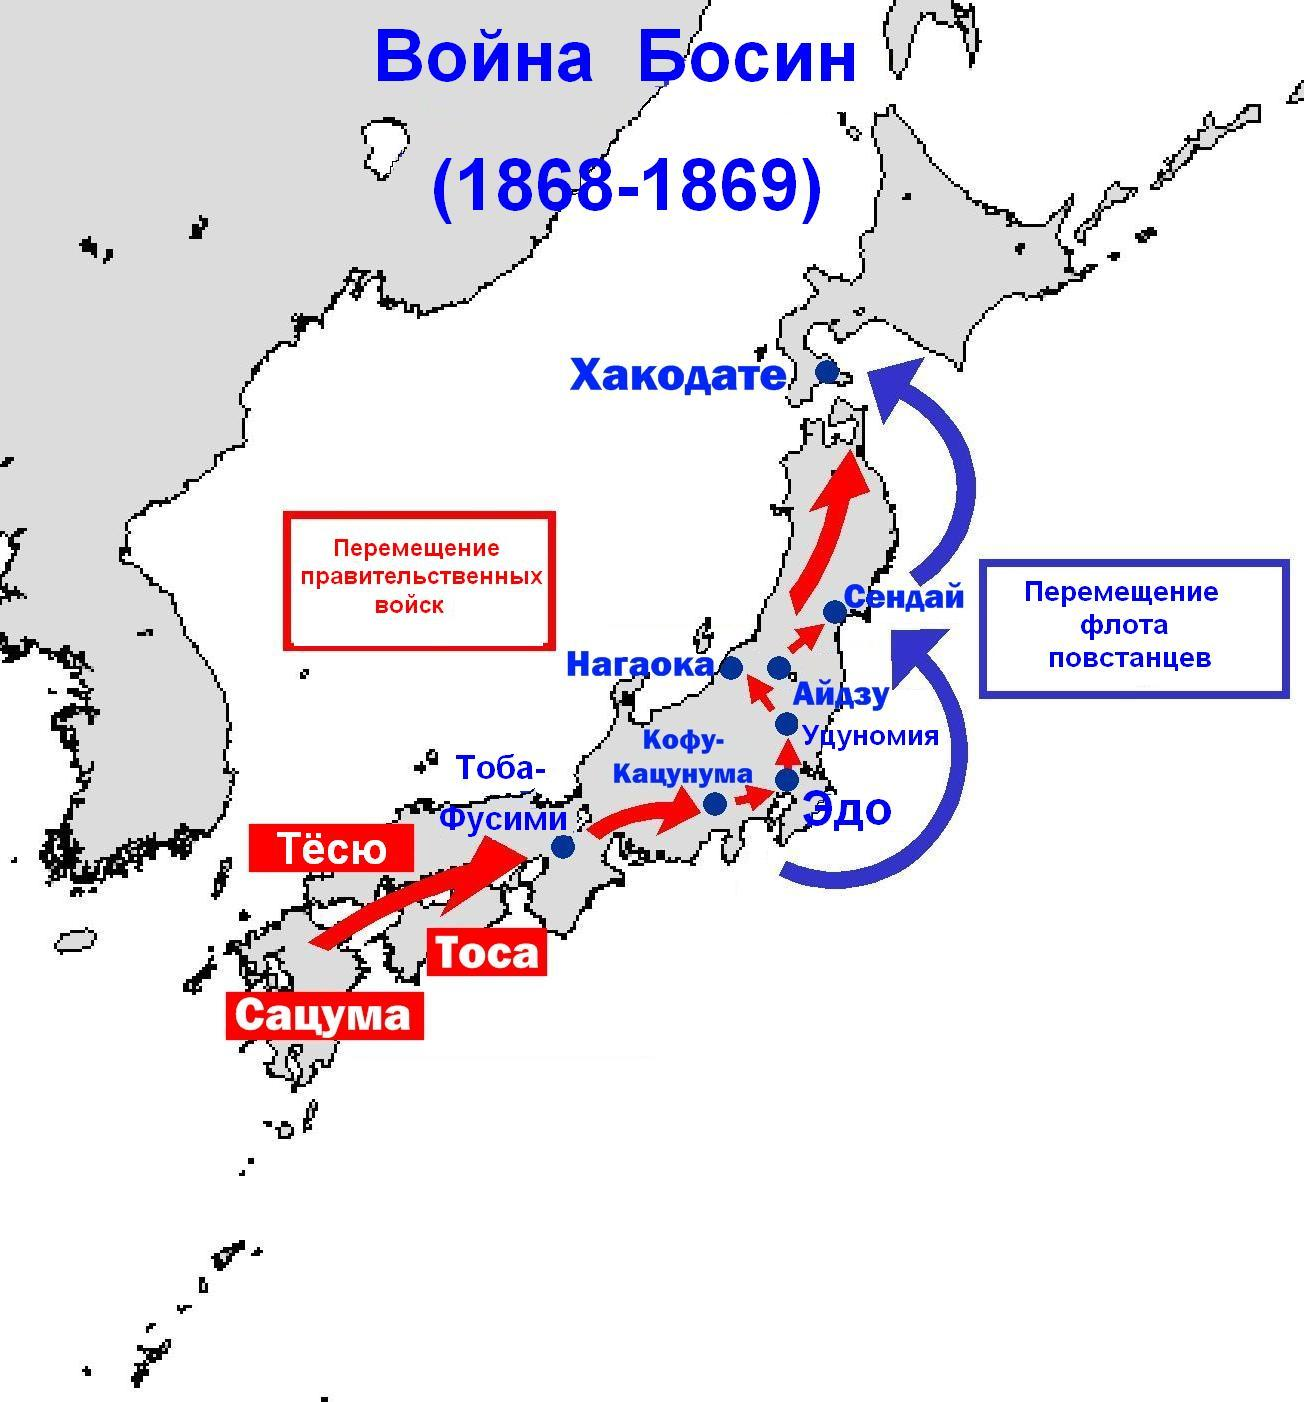 Война в японии 1863-1867 битвы